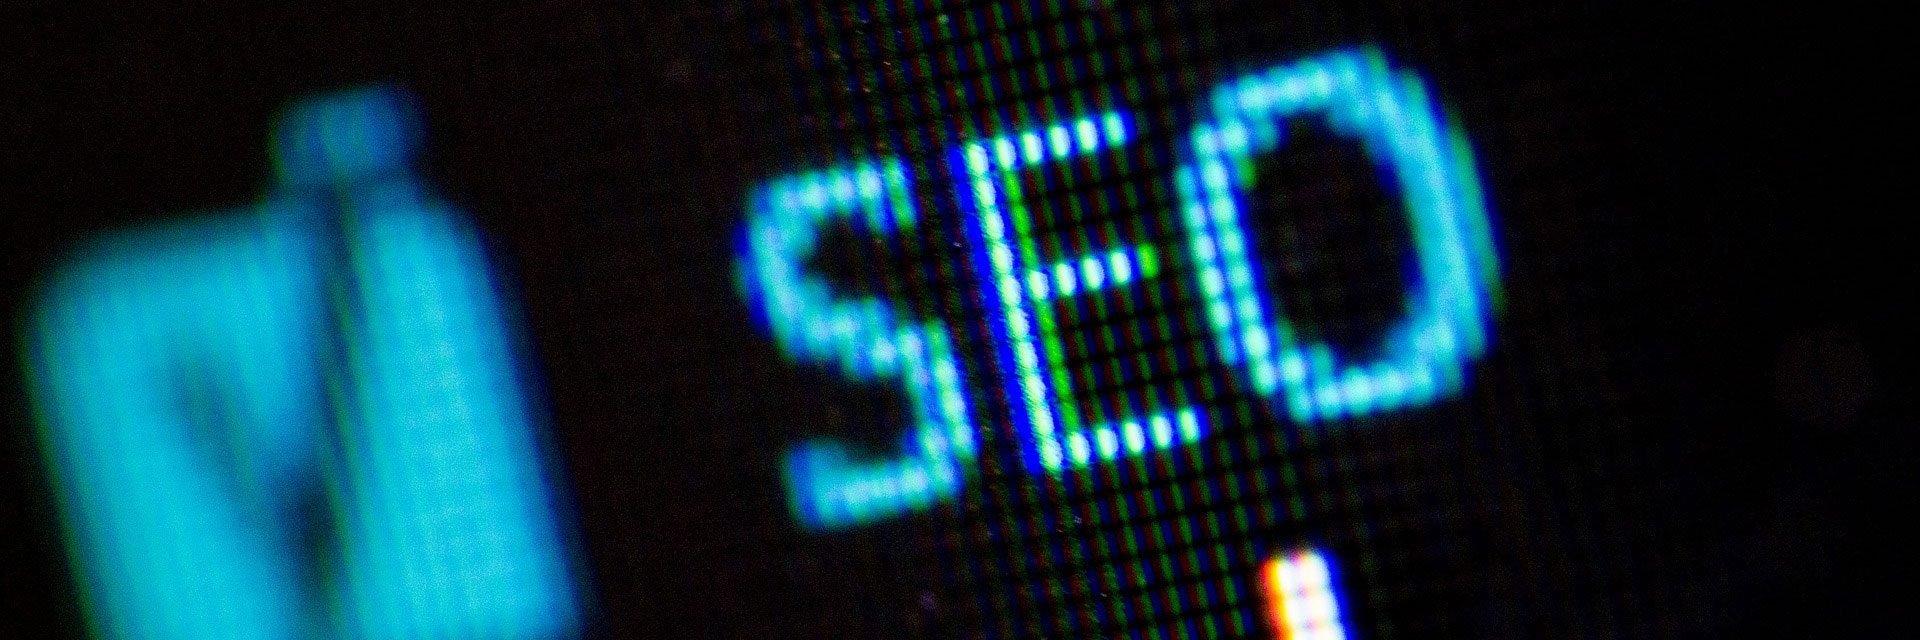 Search Engine Optimization | Schifino Lee